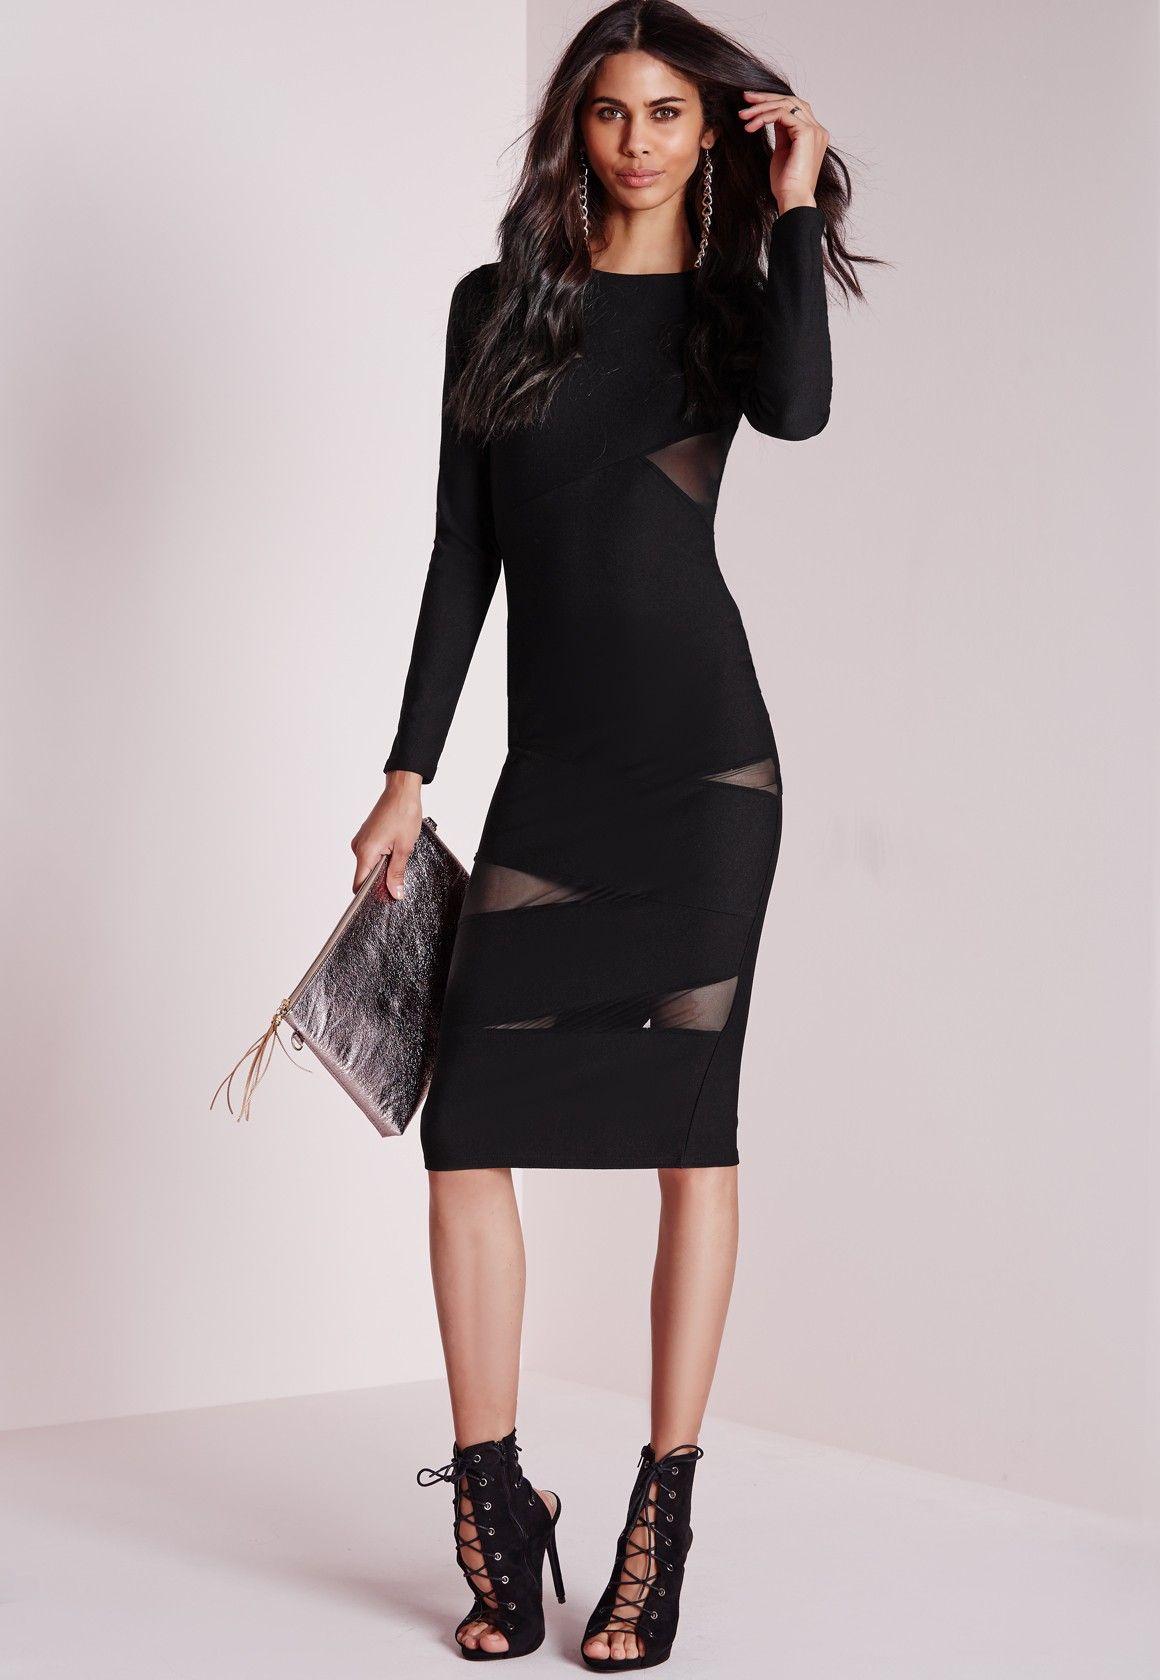 Missguided Mesh Sleeve Midi Dress Black Midi Dress With Sleeves Black Midi Dress Dresses [ 1680 x 1160 Pixel ]